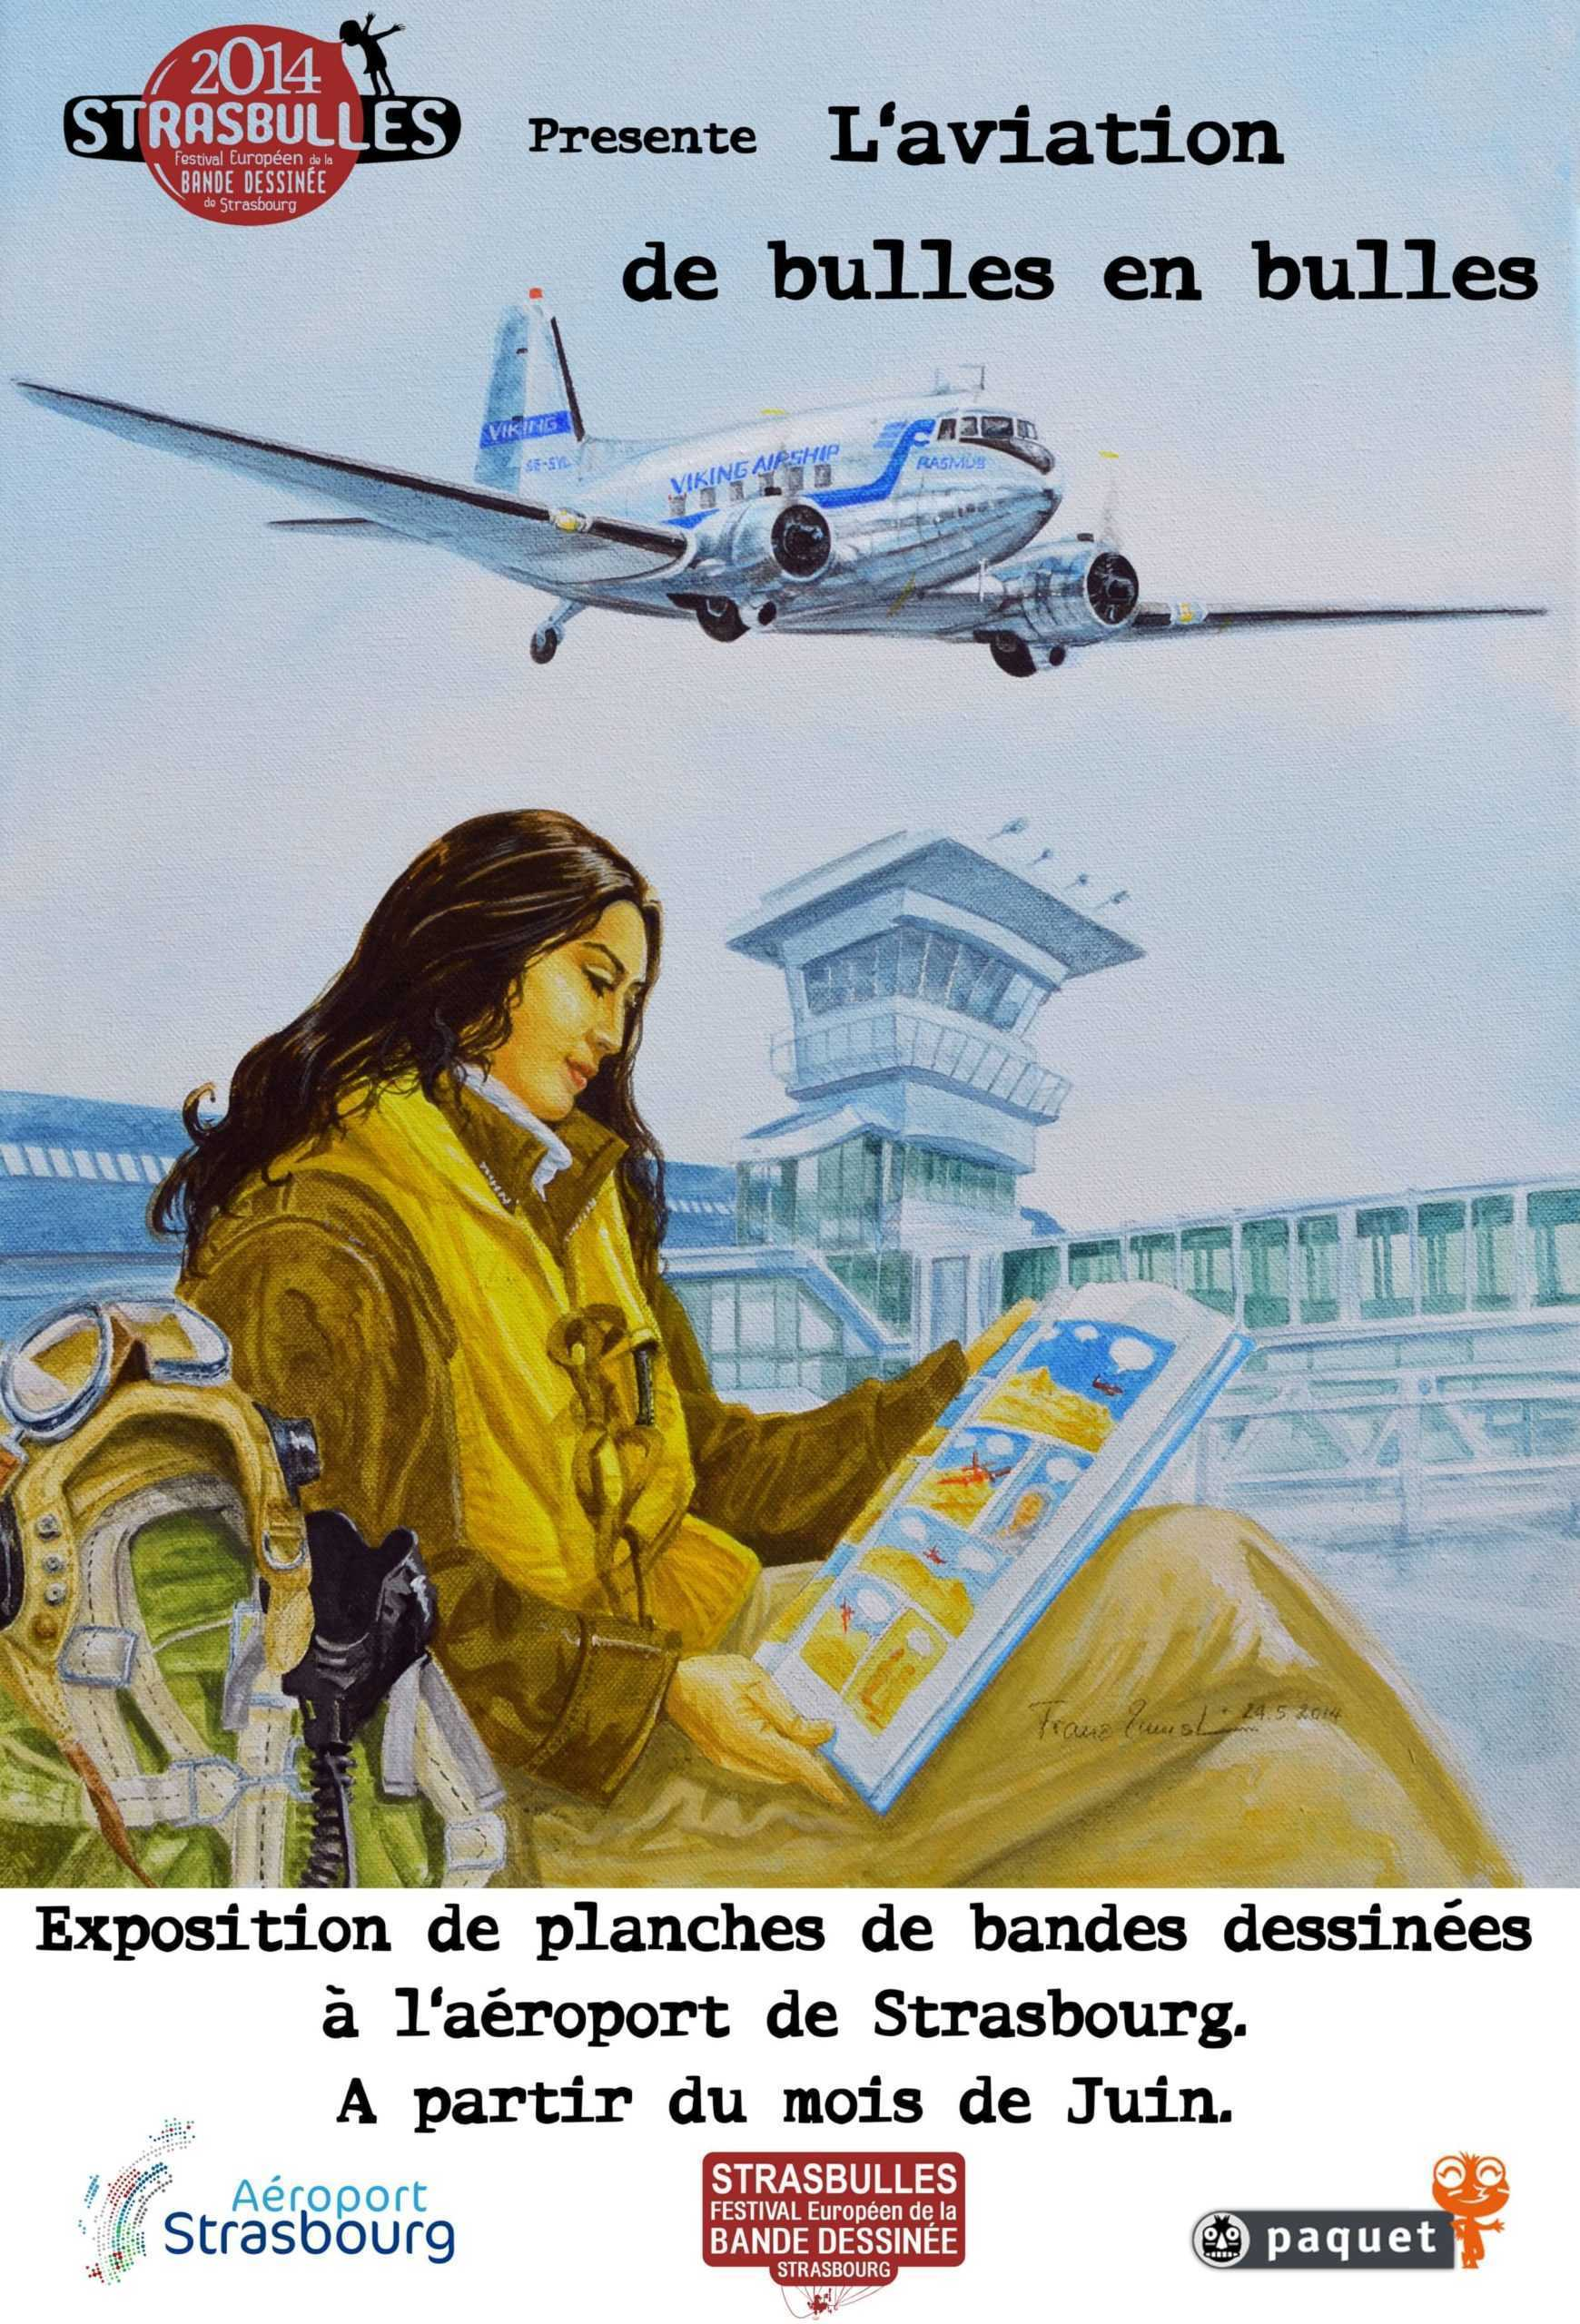 Paquet et Cockpit se posent à l'aéroport de Starsbourg avec une dédicace de Hugault, Koeniguer et Perinotto